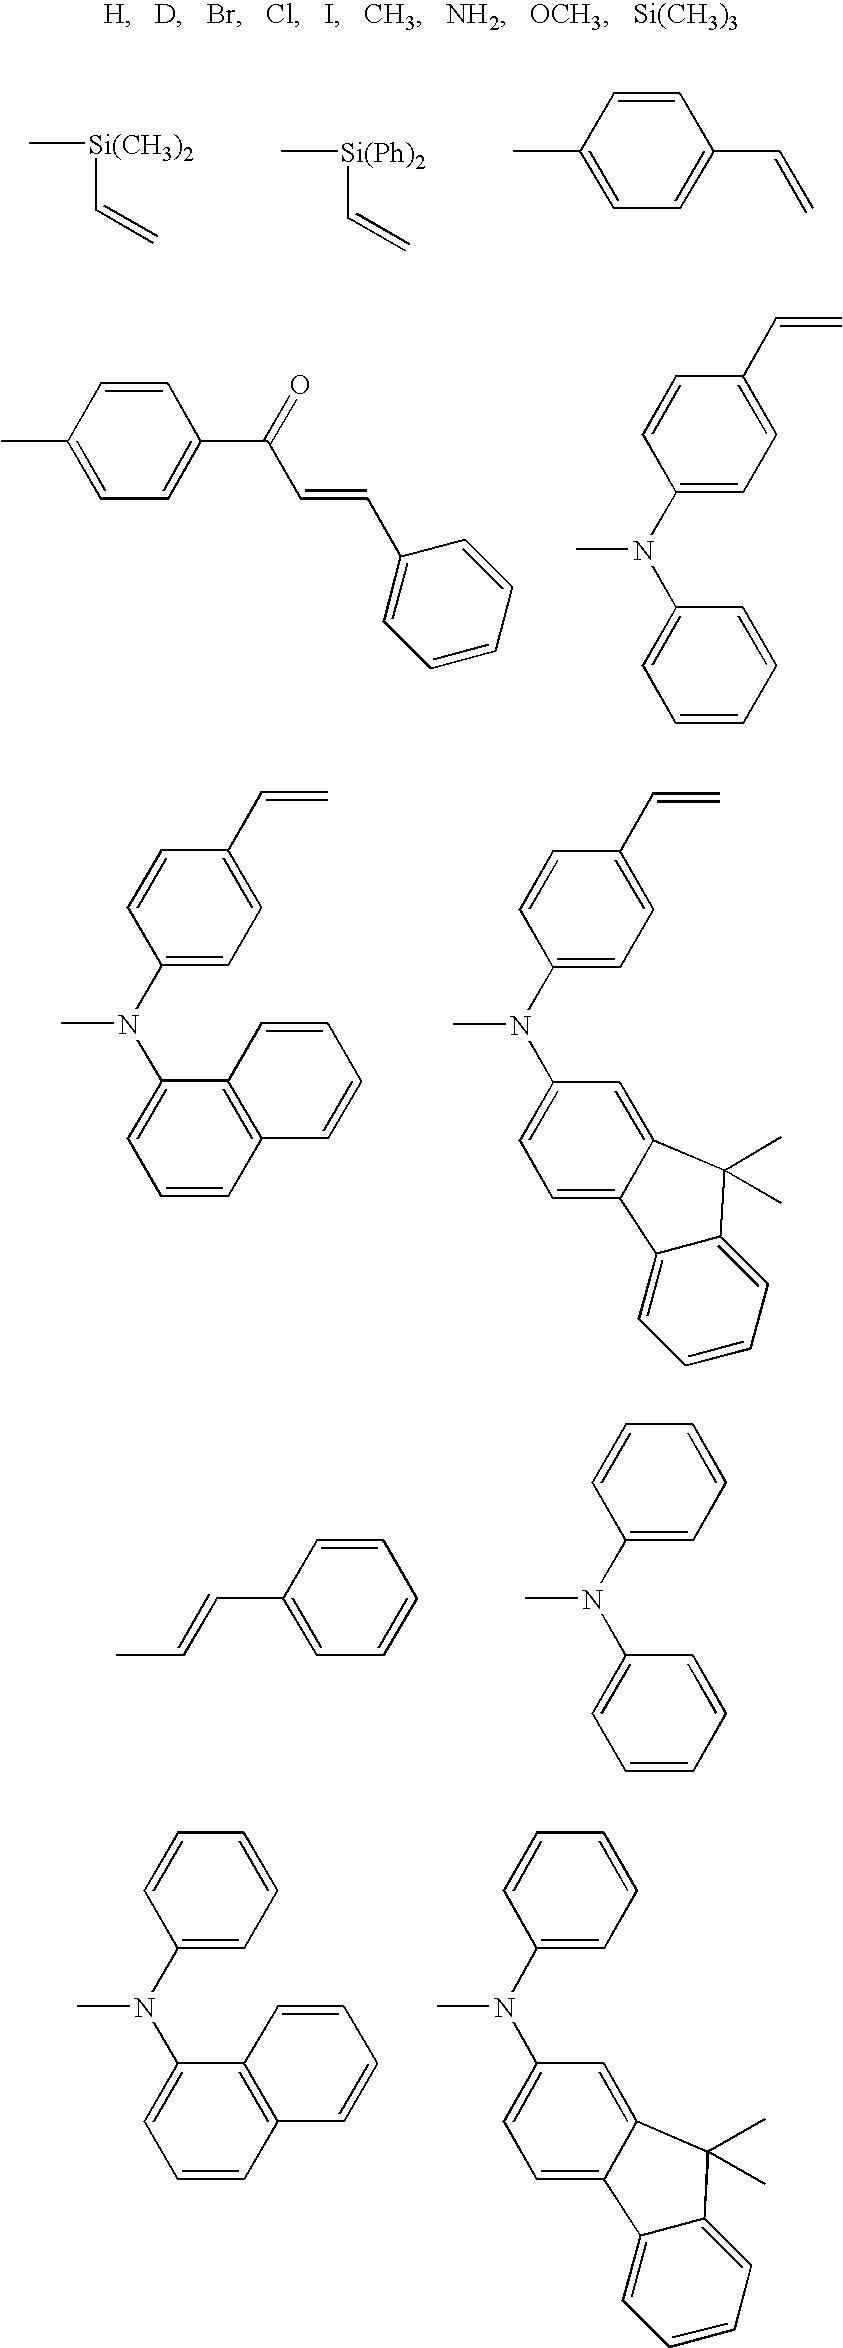 Figure US20040106004A1-20040603-C00018